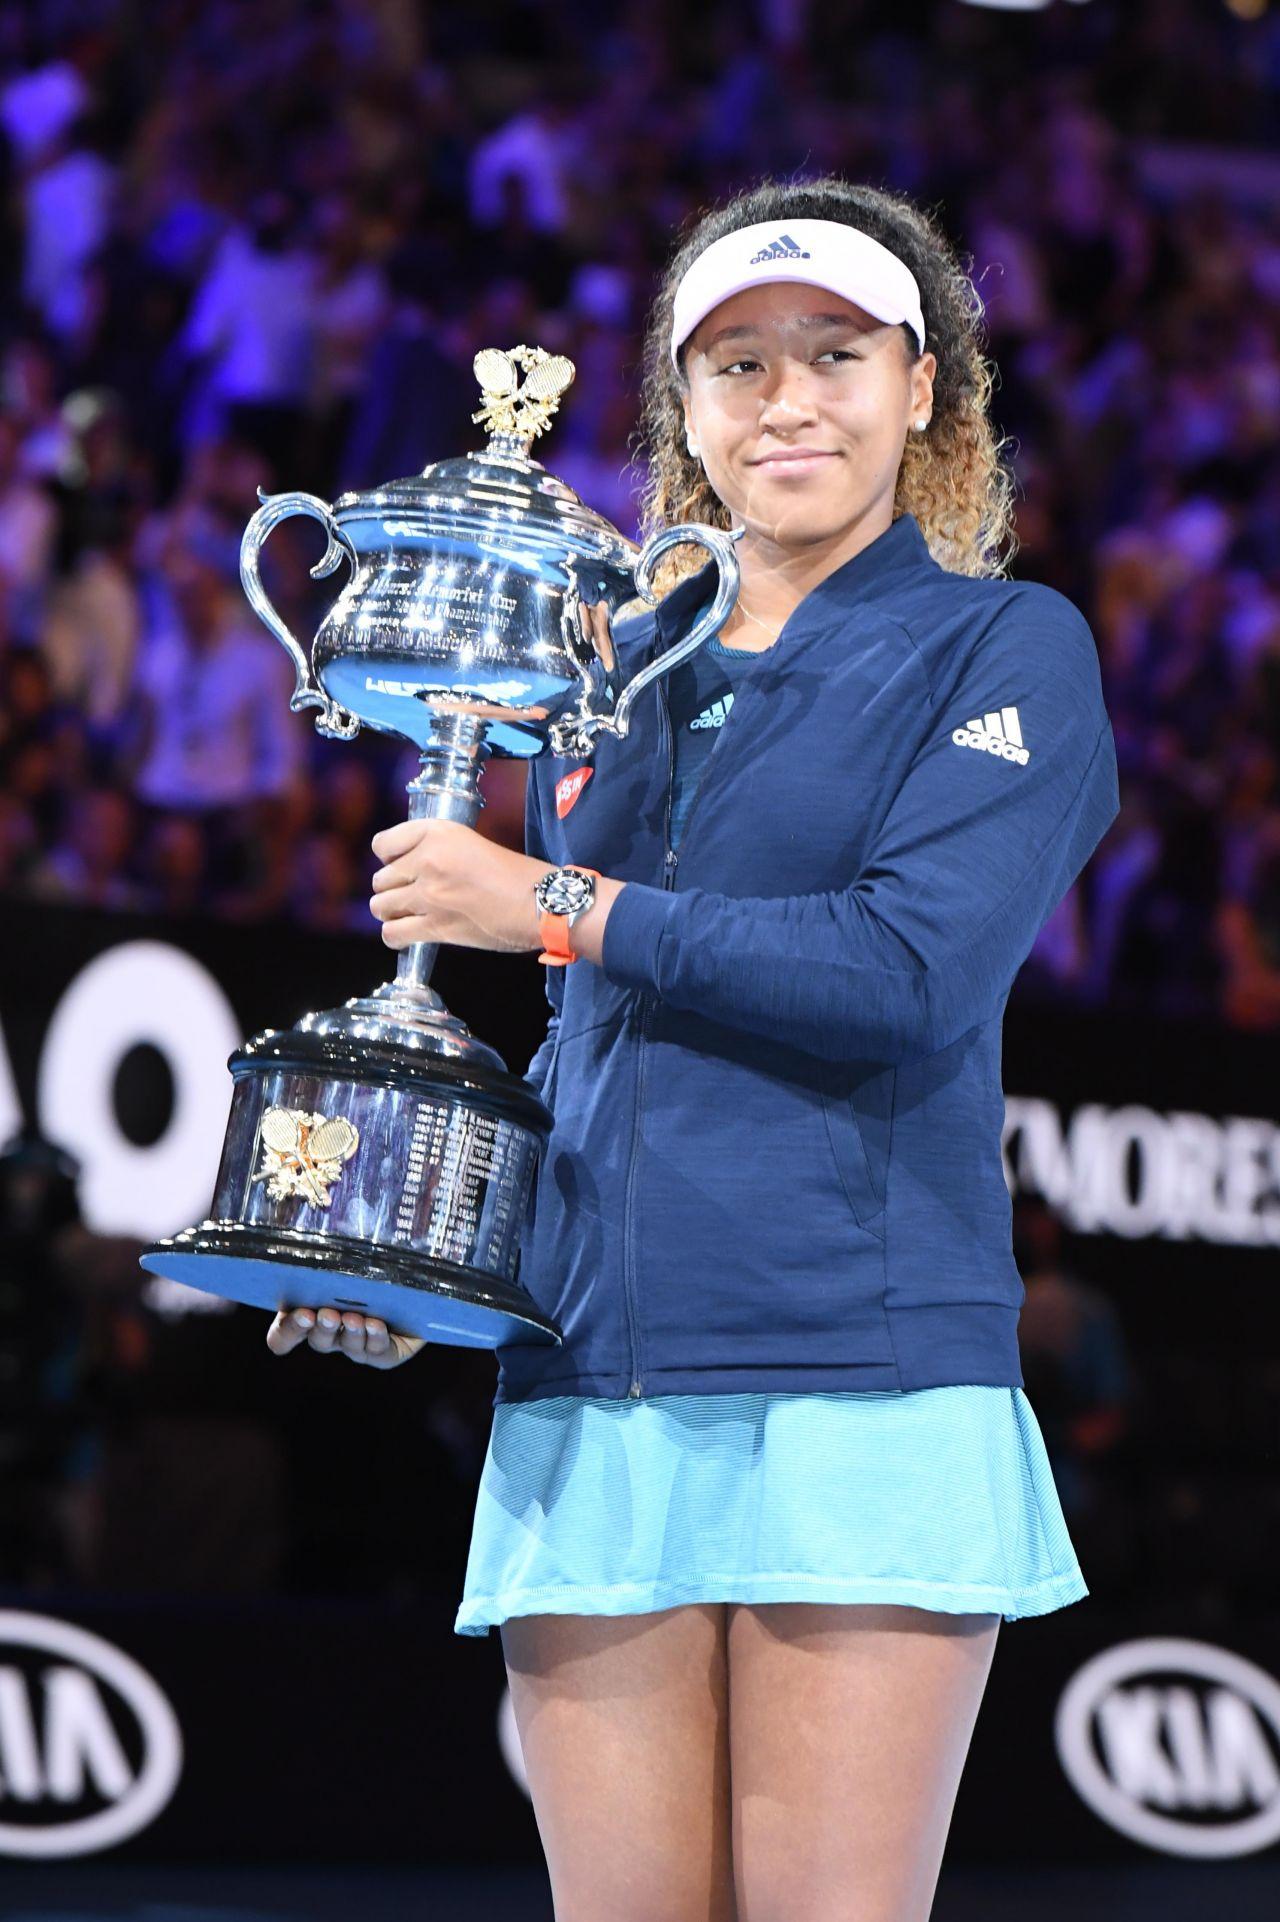 finale australian open 2019 uhrzeit